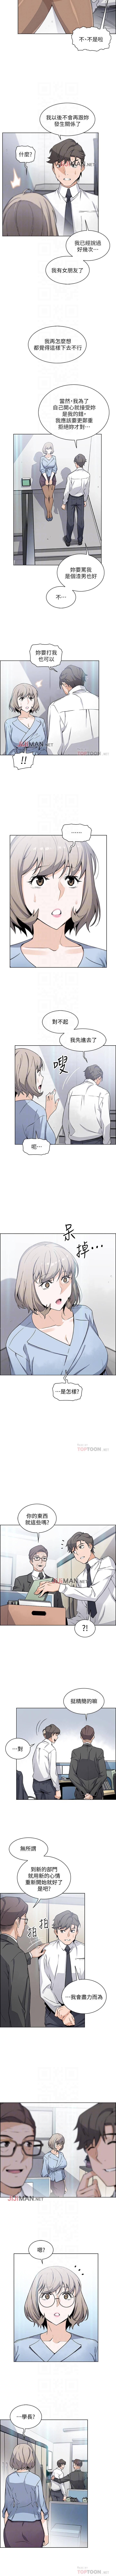 【周四连载】前女友变女佣(作者:PAPER&頸枕) 第1~33话 210